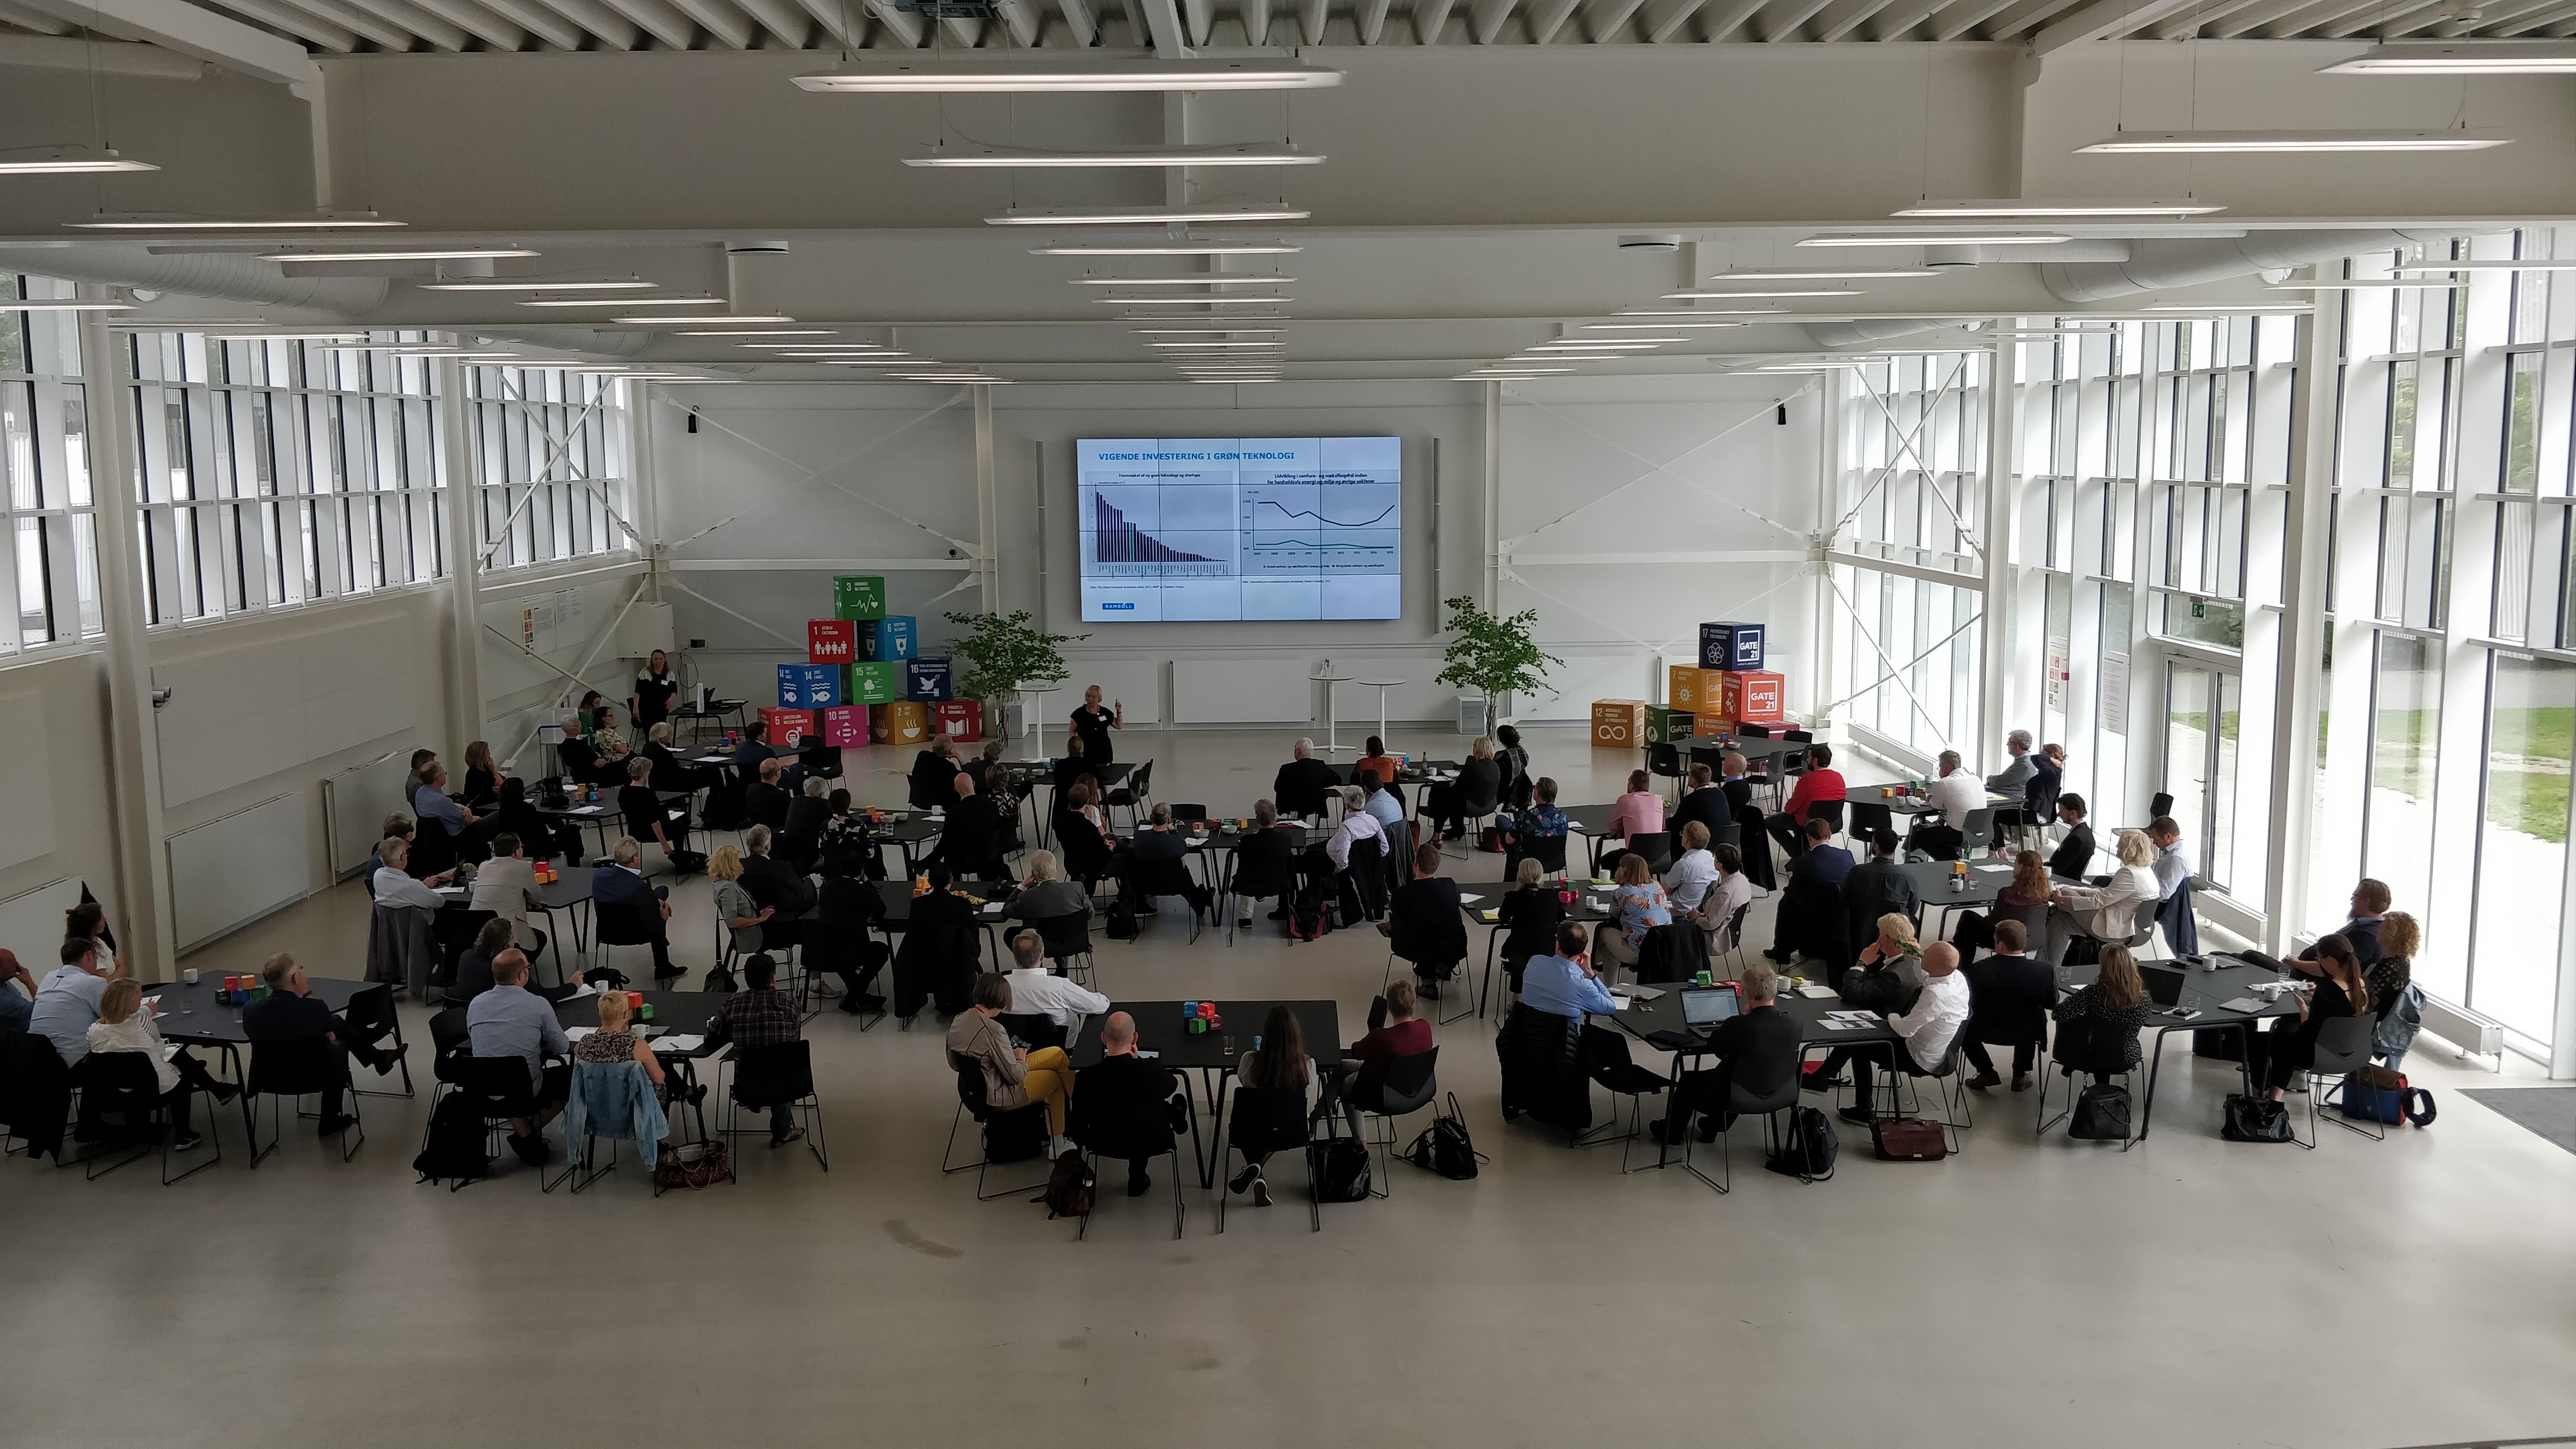 Gate 21's årsmøde: Kan digitalisering redde verdensmålene